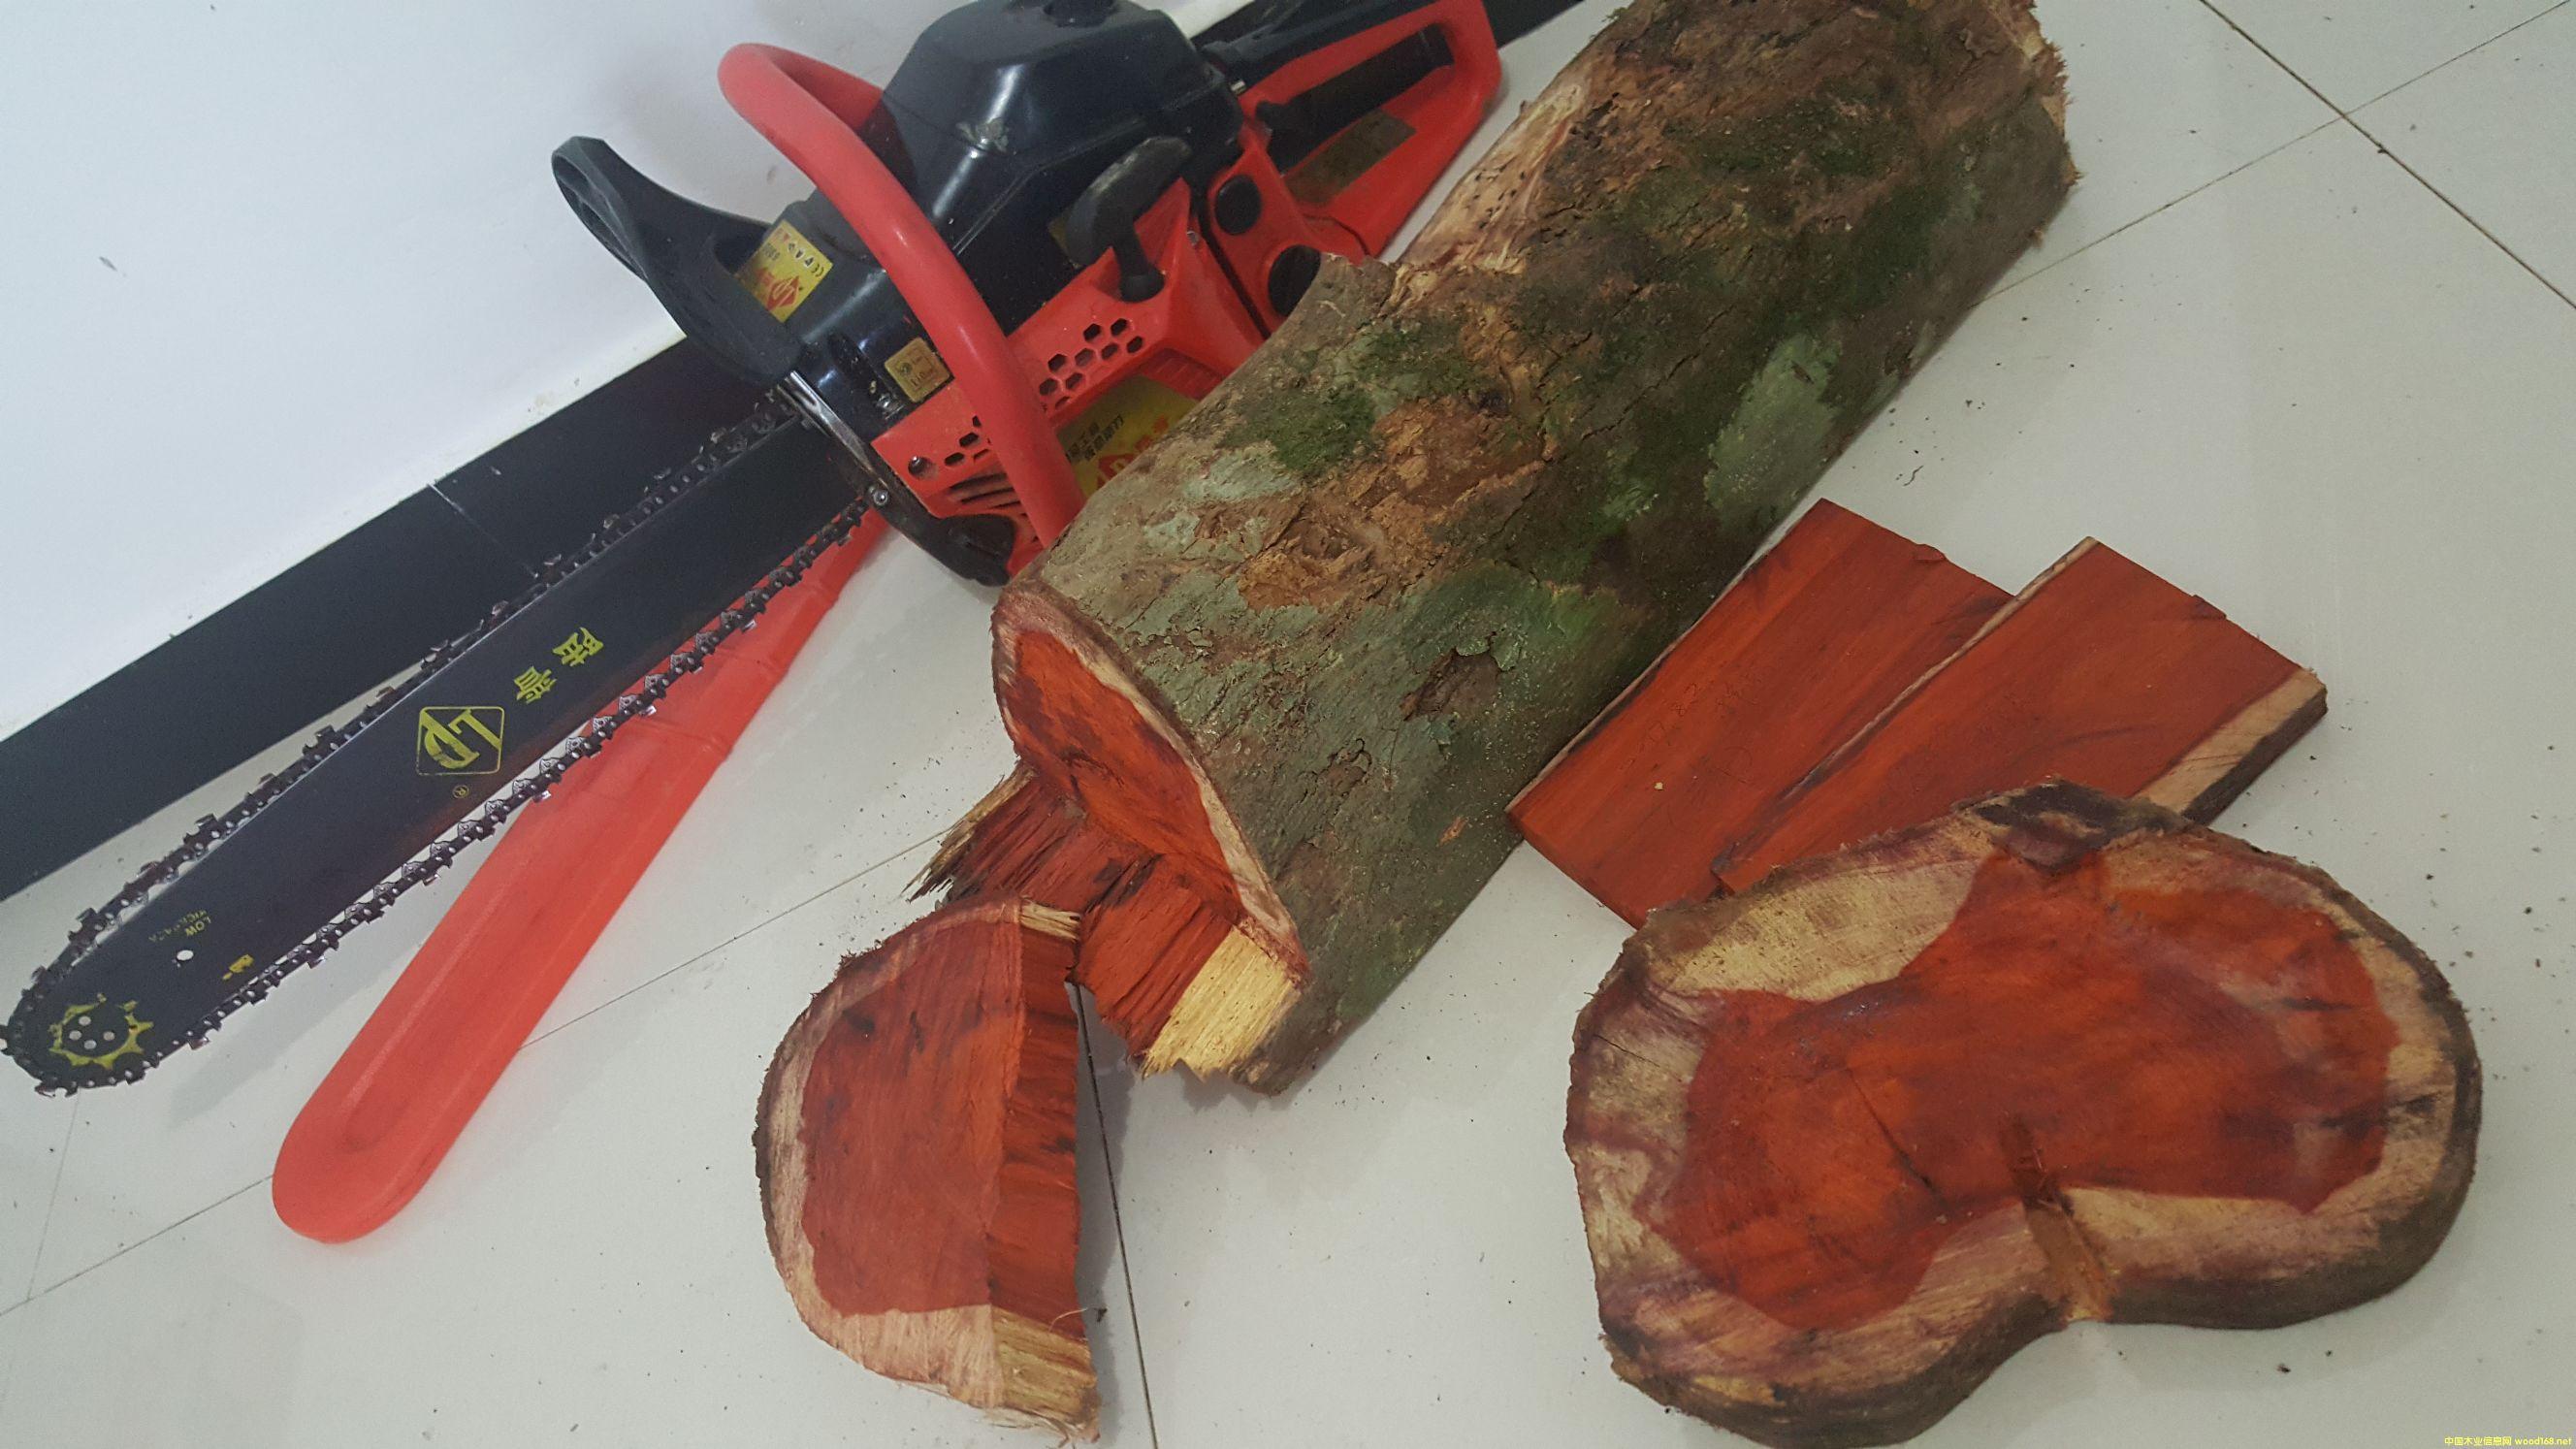 科檀 cam wood